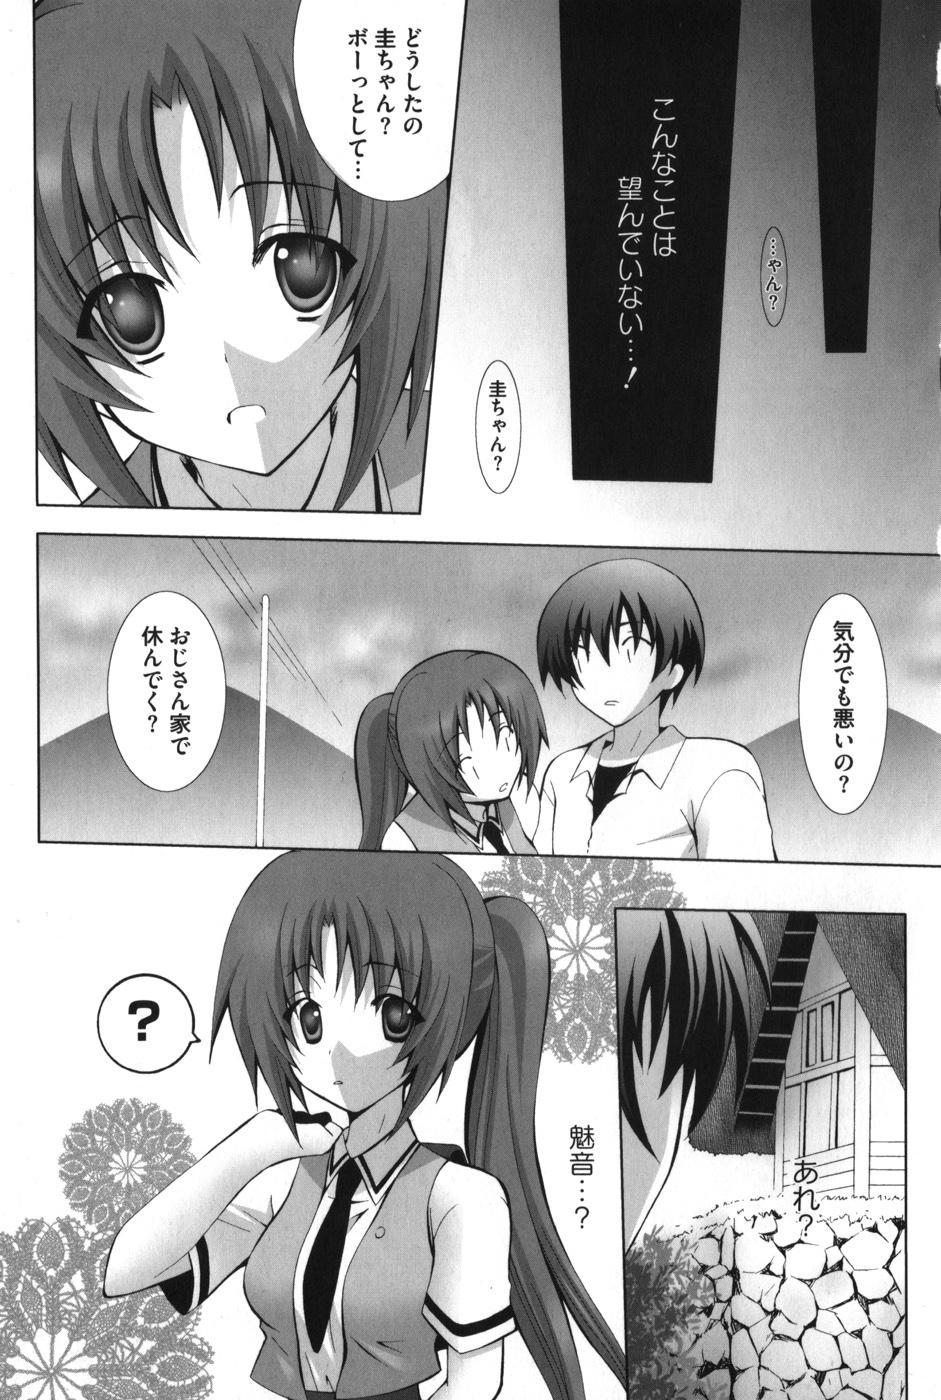 HiguERO no naku koro ni 107